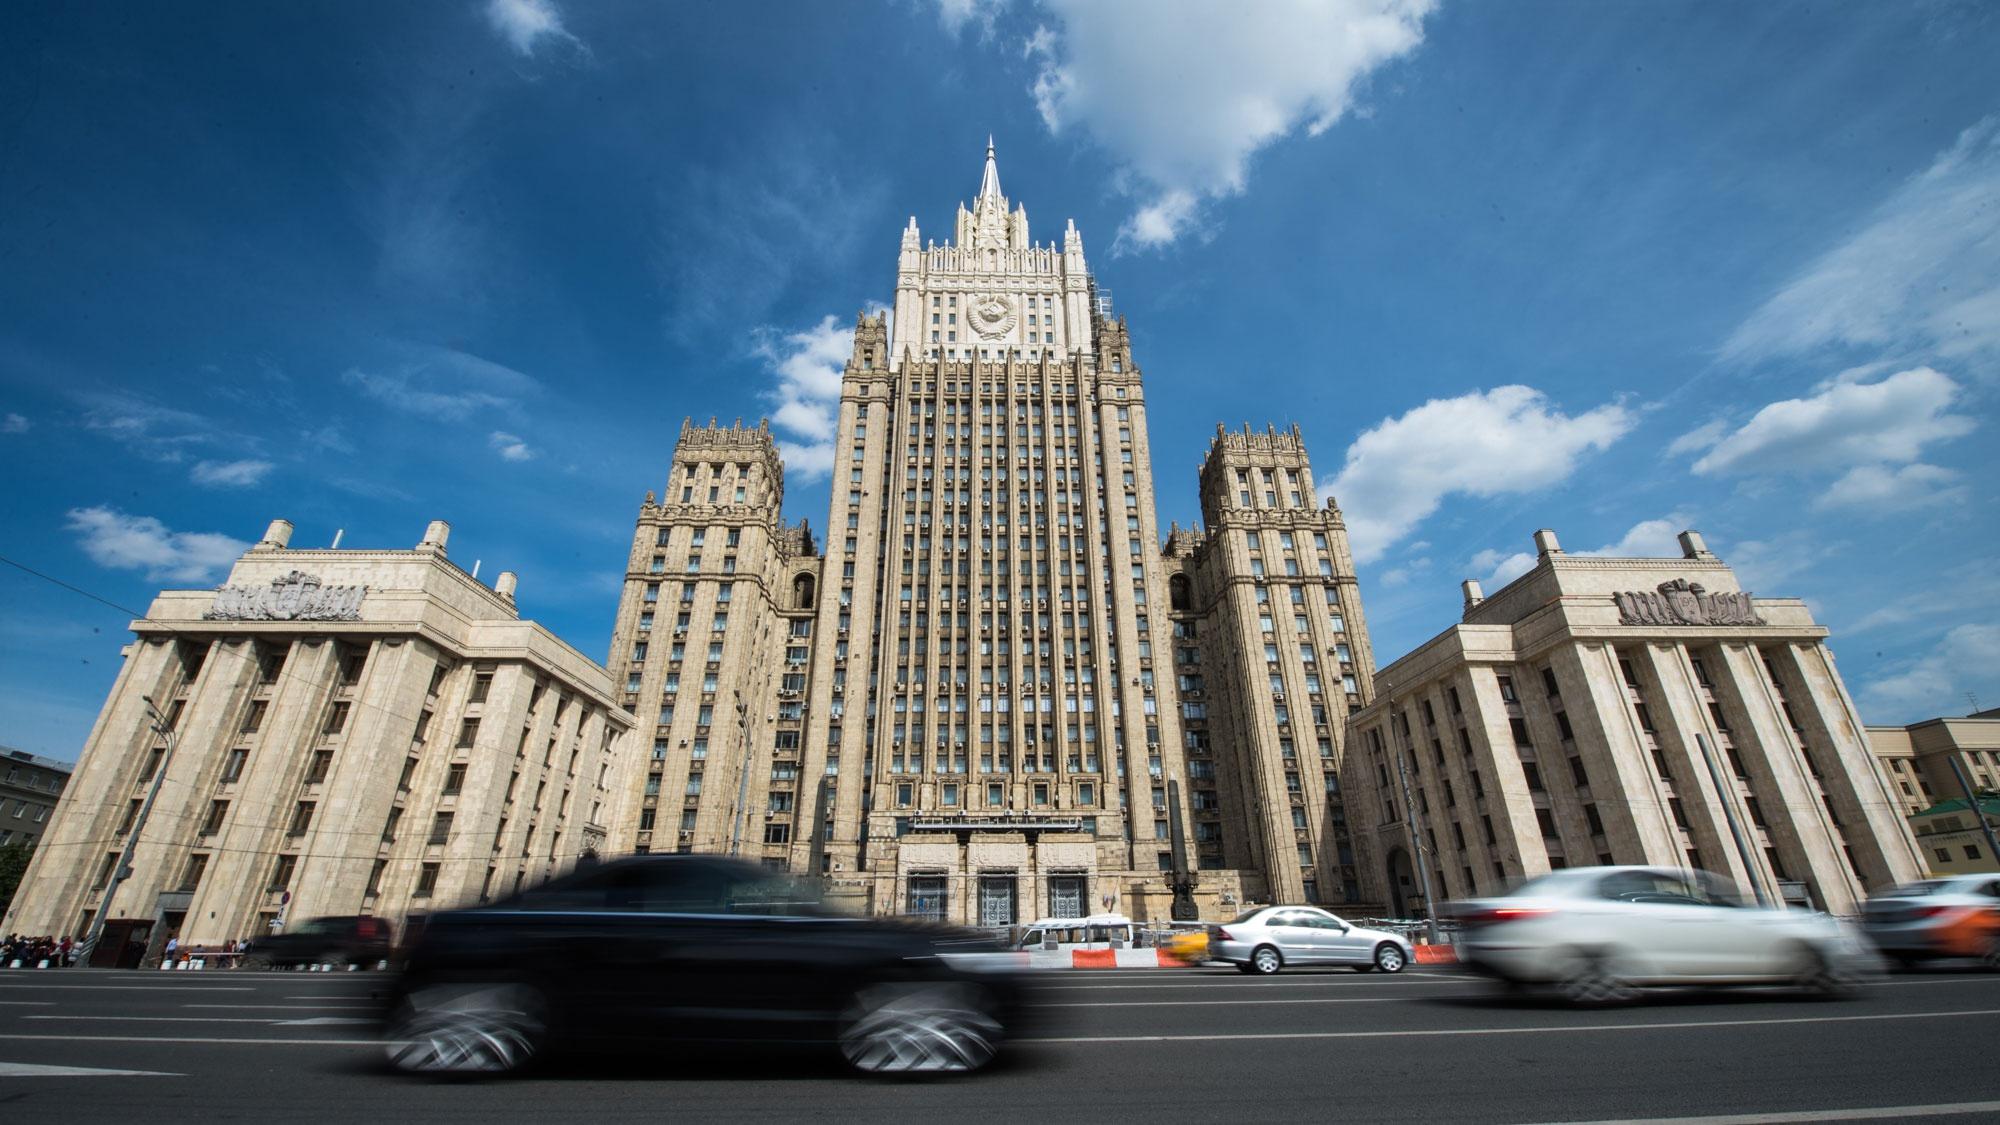 МИД РФ: перебазирование ядерных зарядов США в Польшу поставит под угрозу европейскую безопасность